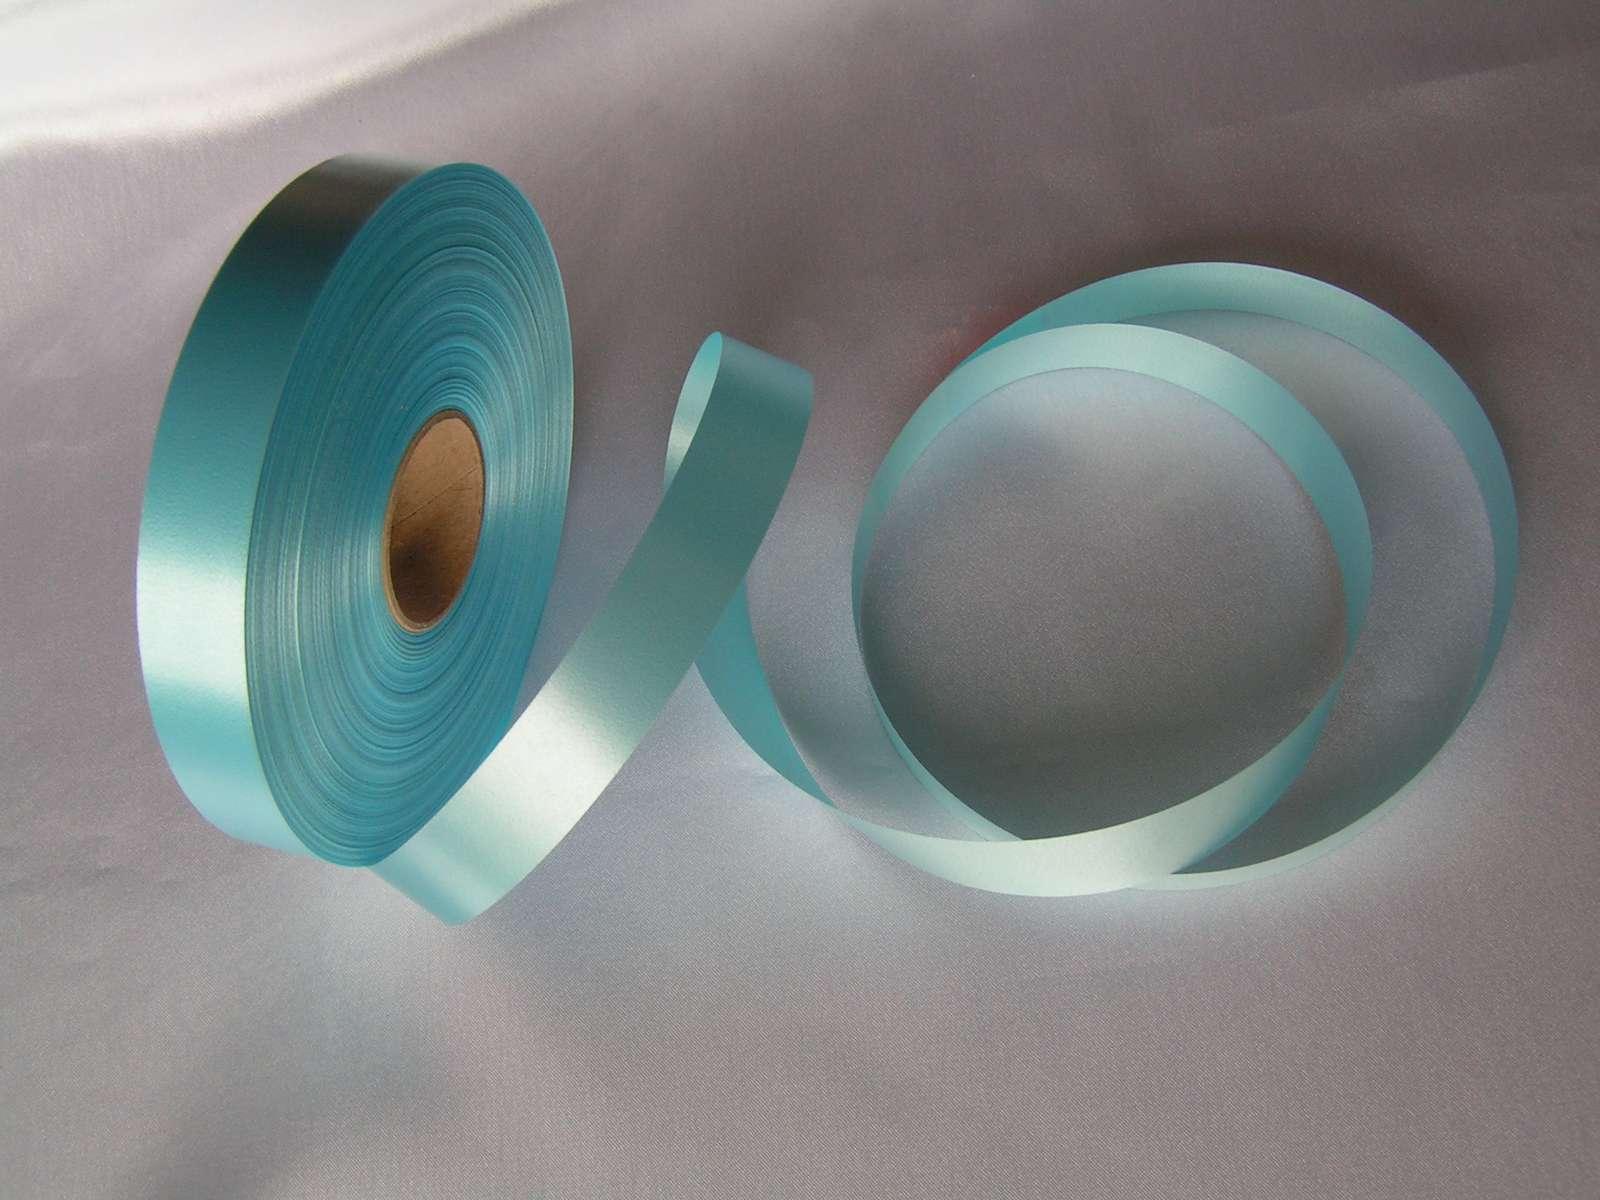 Papírová stuha 18 mm - Obrázek č. 1